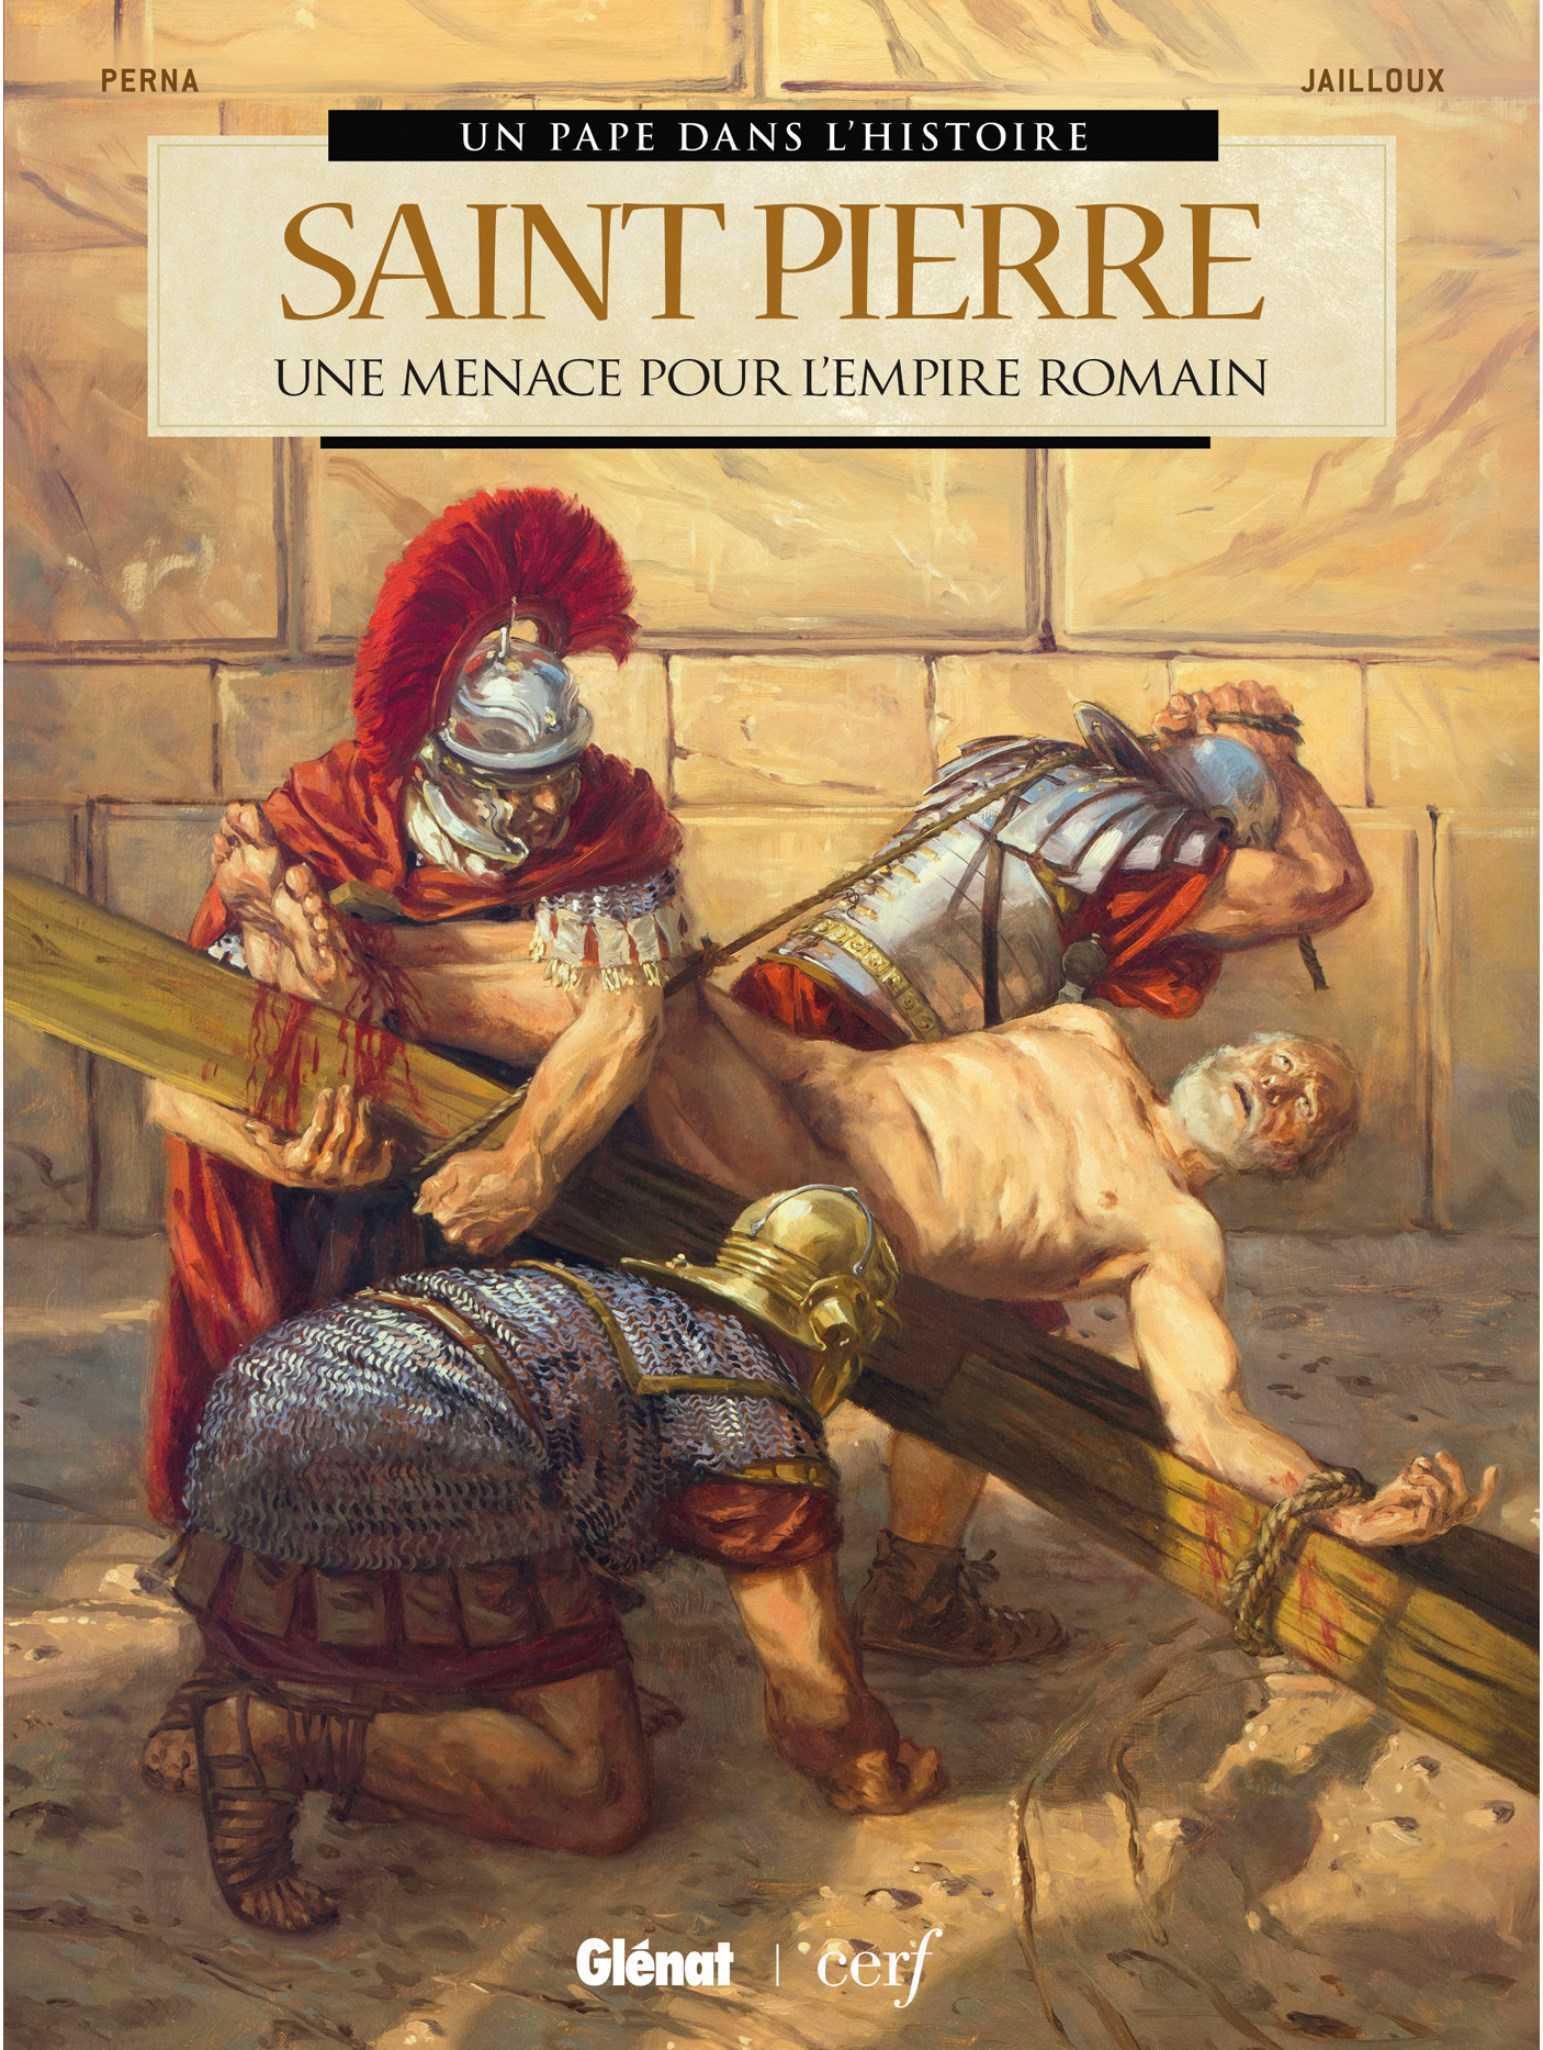 Un pape dans l'Histoire, Saint Pierre, sur cette pierre